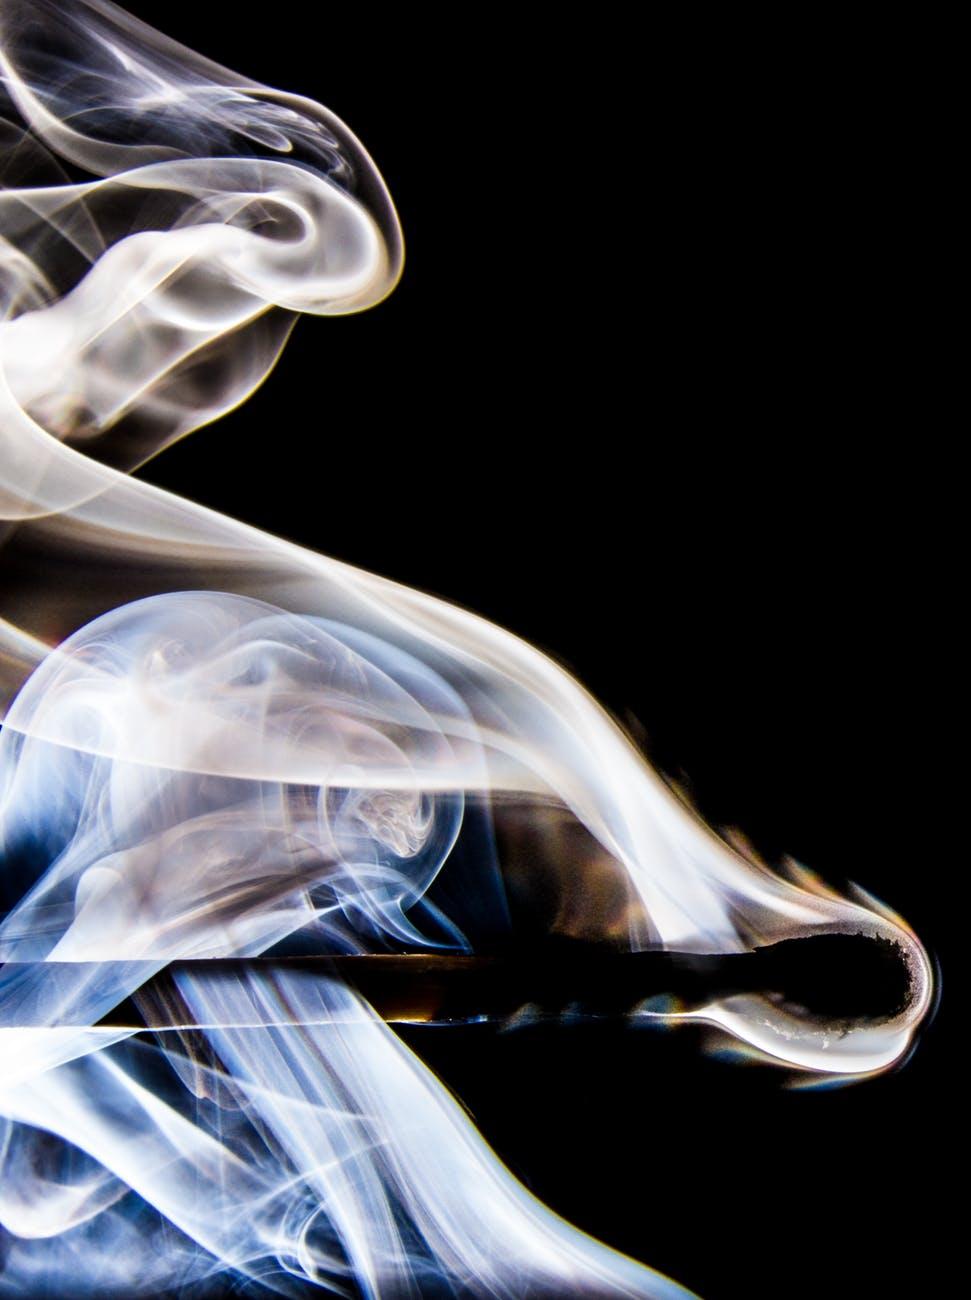 match-smoke-match-head-sticks-45198.jpeg